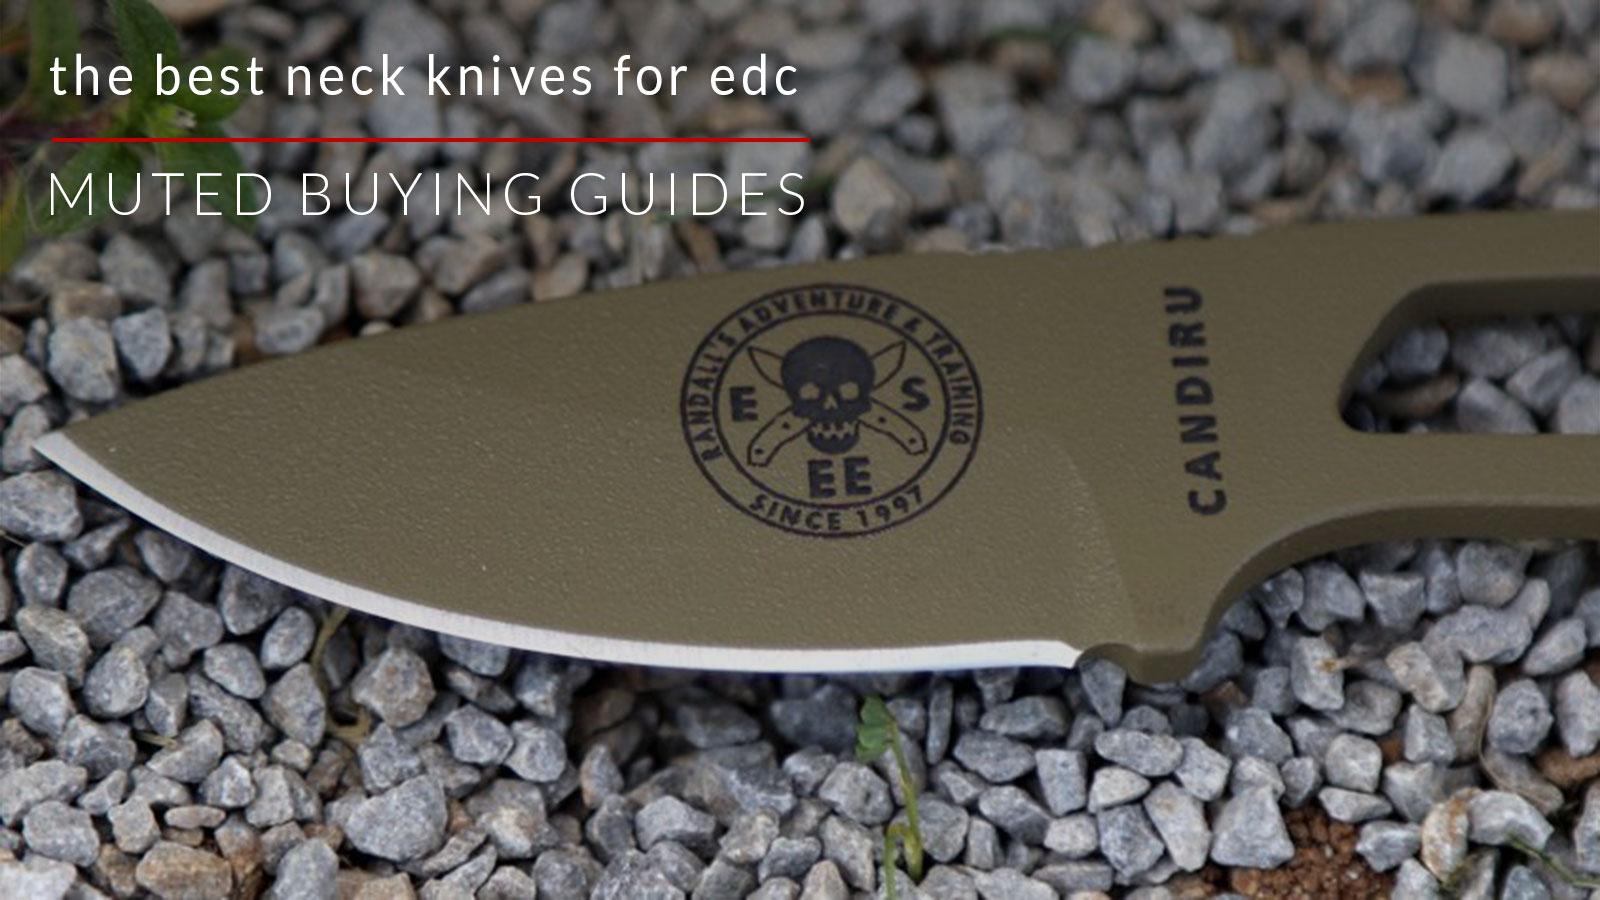 Best Neck Knives for EDC